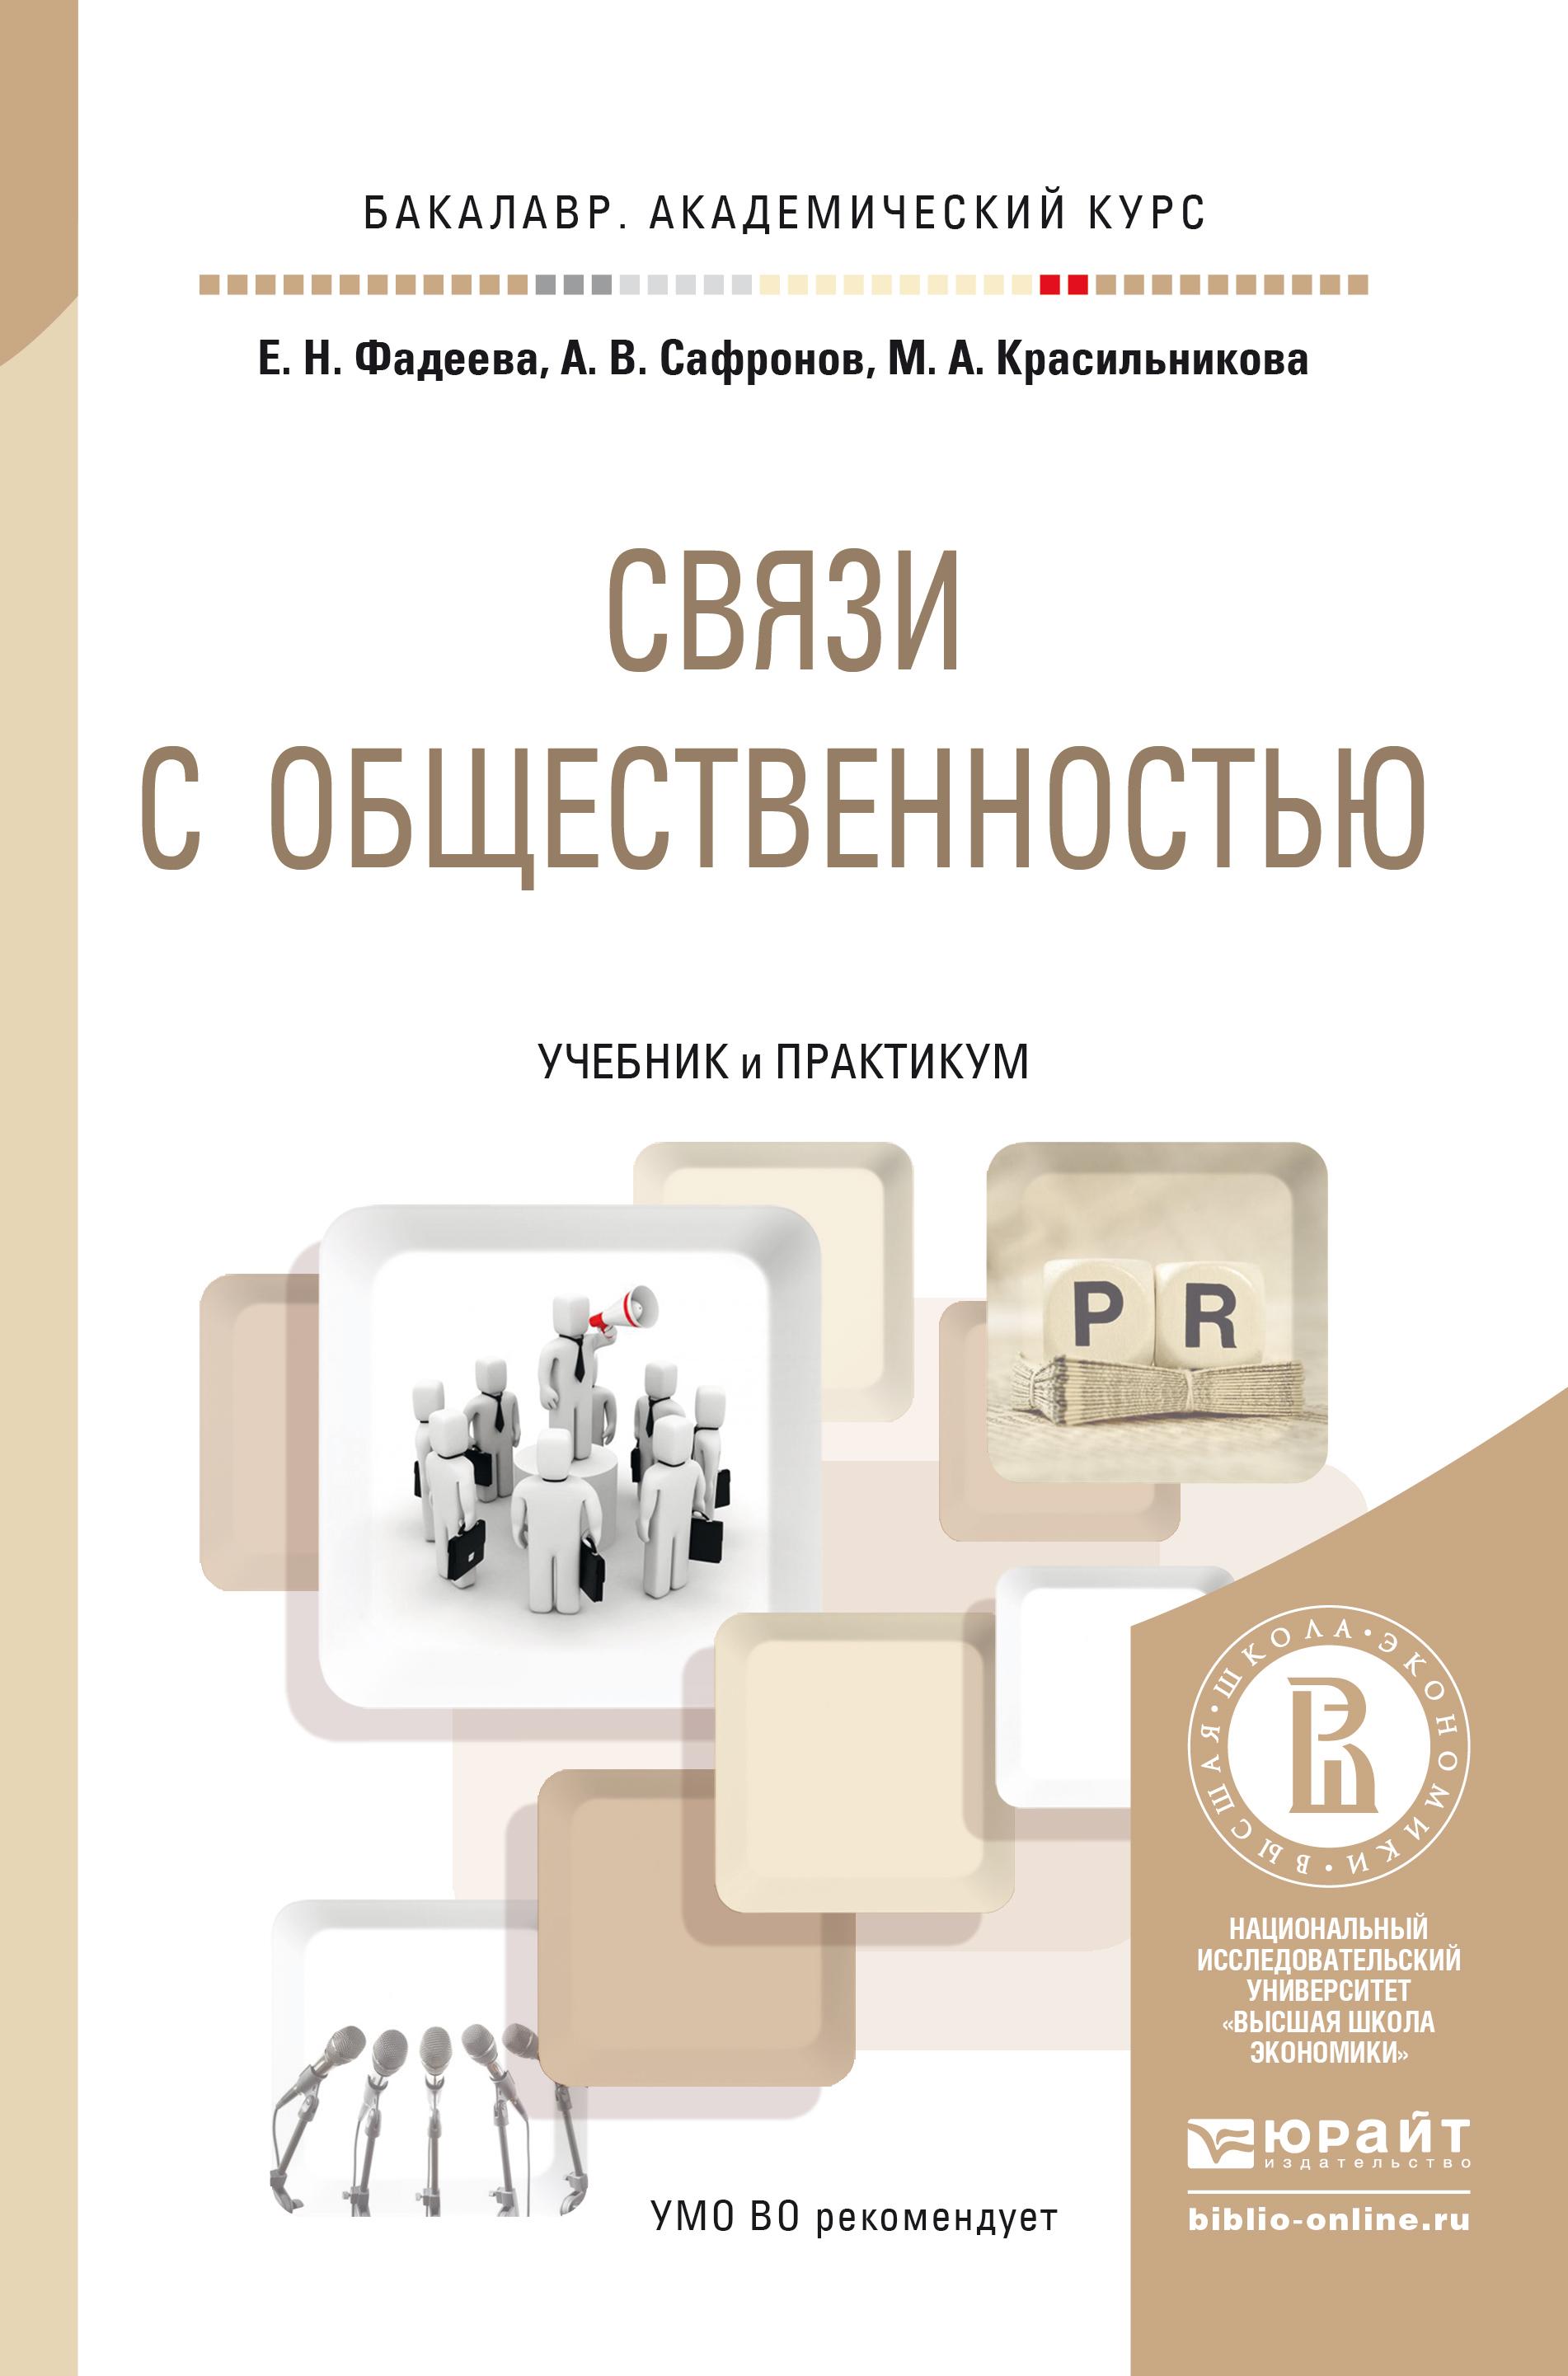 Связи с общественностью. Учебник и практикум, Е. Н. Фадеева, А. В. Сафронов, М. А. Красильникова